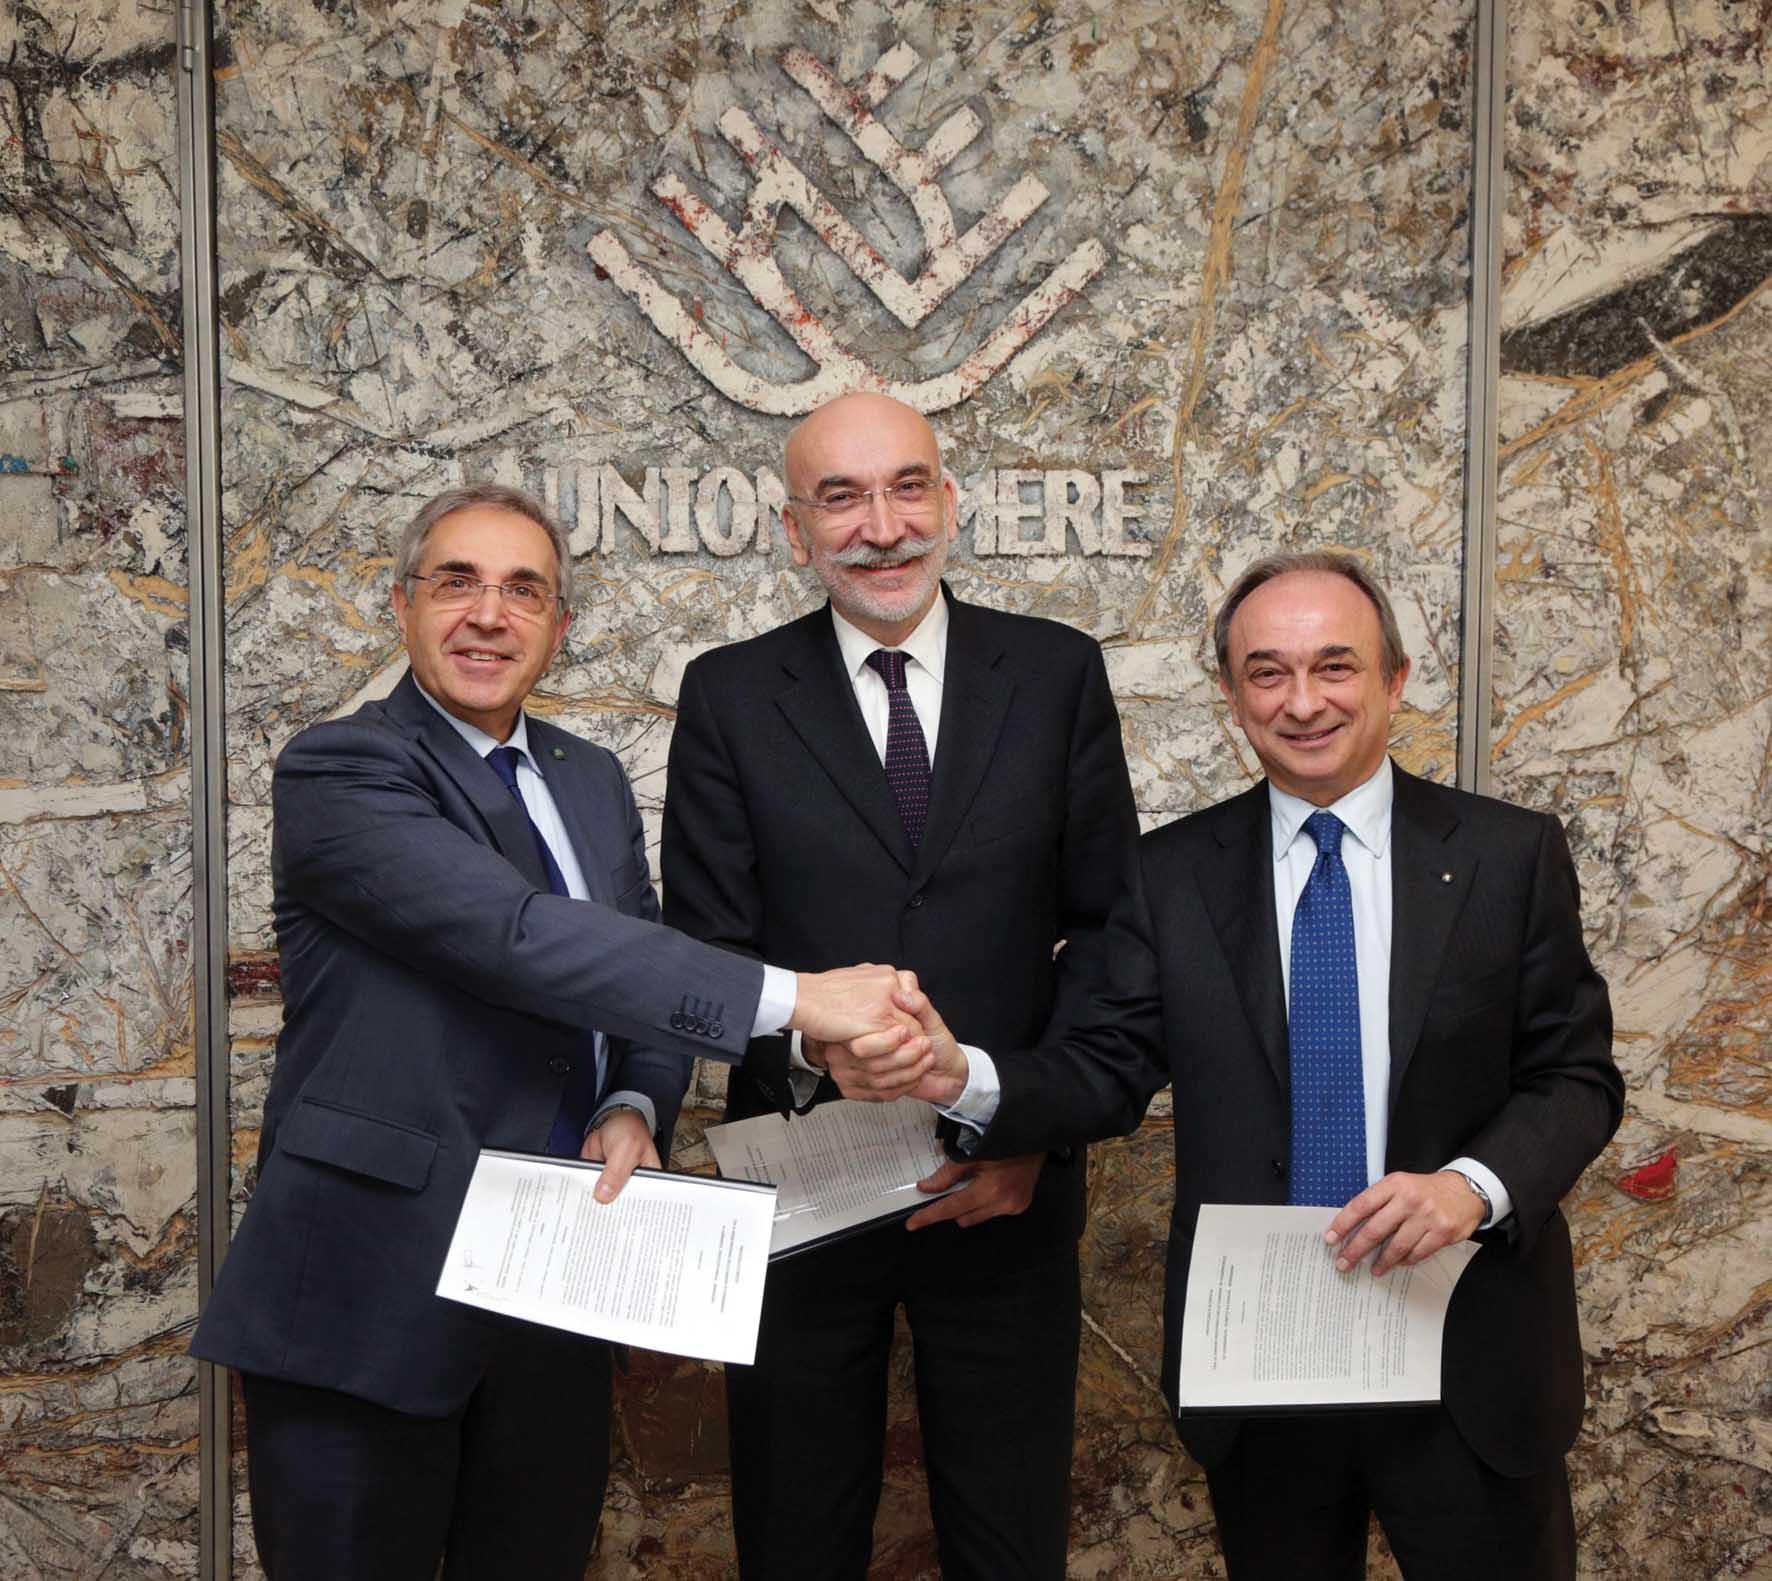 Unioncamere firma a bologna accordo collaborazione Cciaa Veneto Lombardia Emilia Romagna Fernando Zilio Maurizio Torreggiani Gian DOmenico Auricchio 2 1